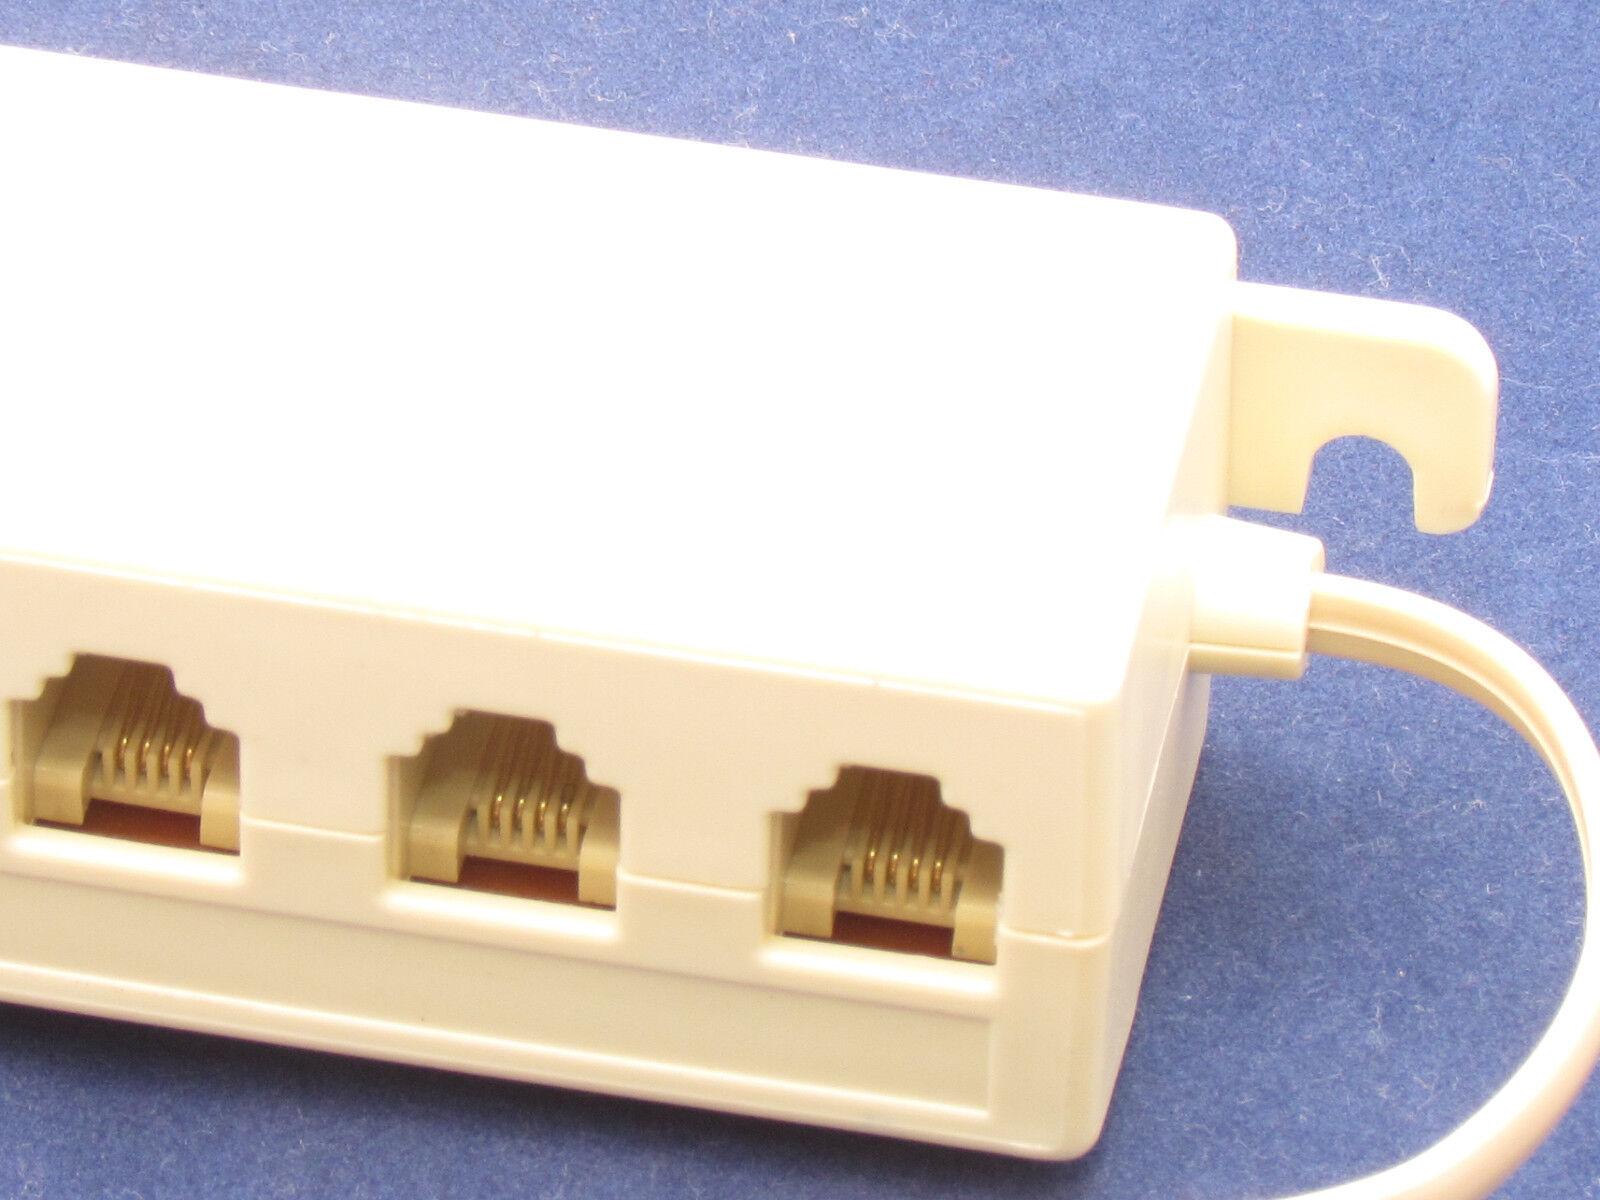 4 way plug adapter p5 pentalobe screwdriver home depot